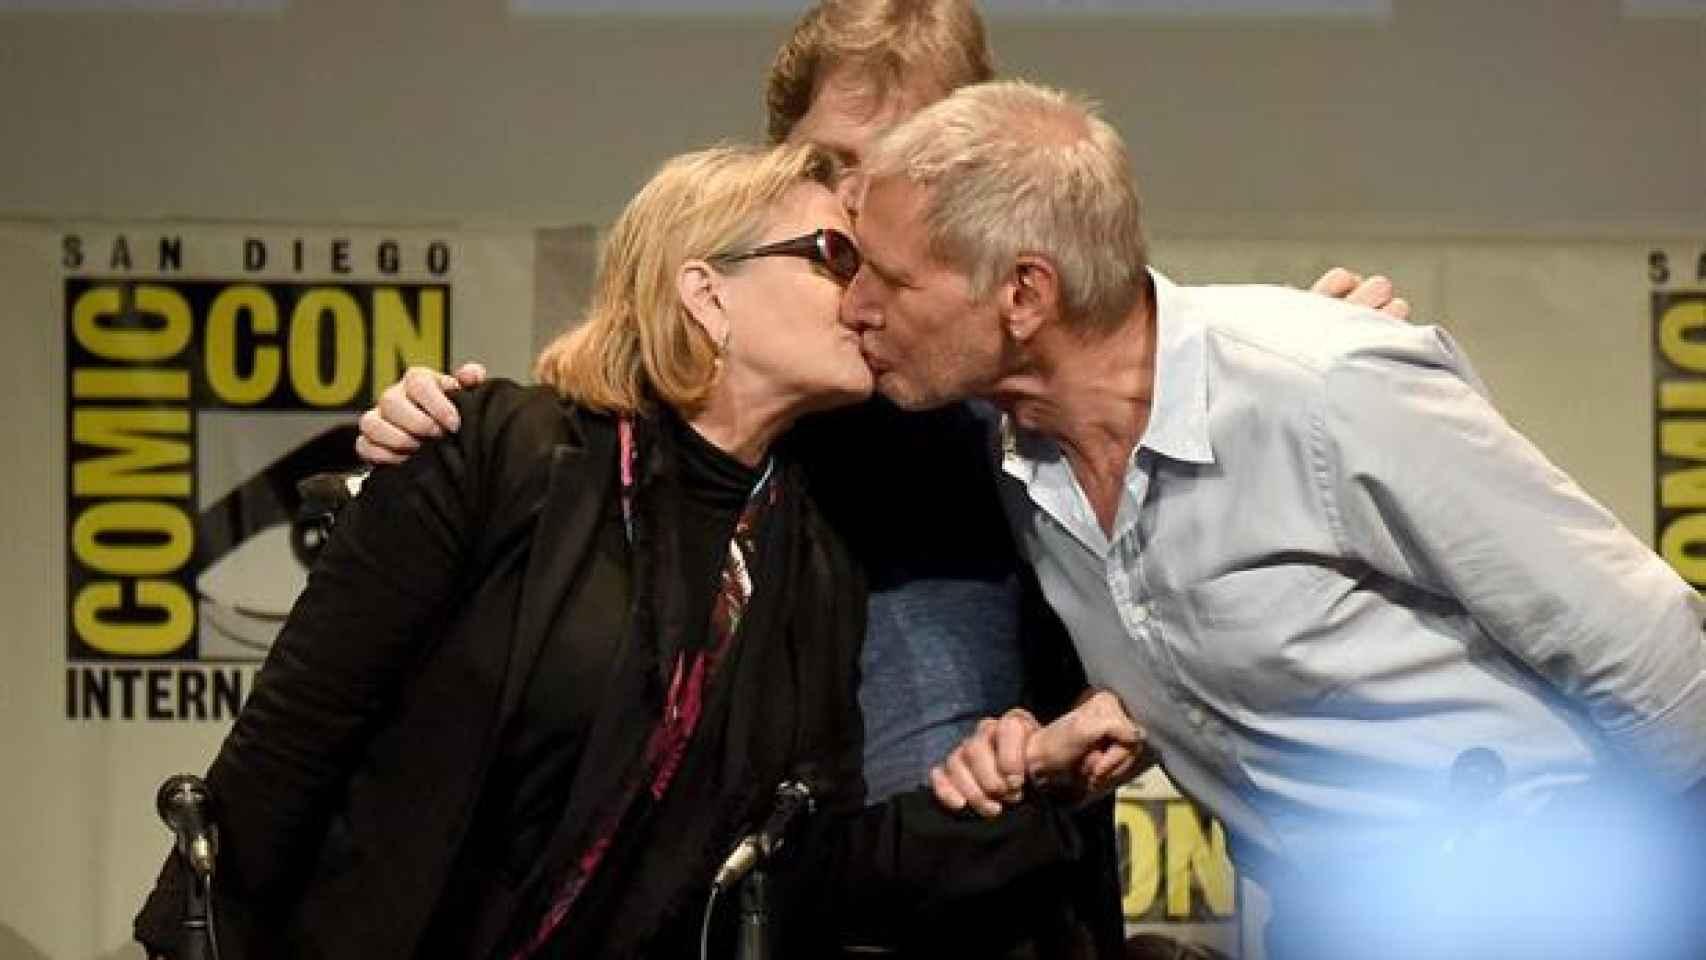 Repetición del beso de la Princesa Leia y Han Solo, 35 años después.